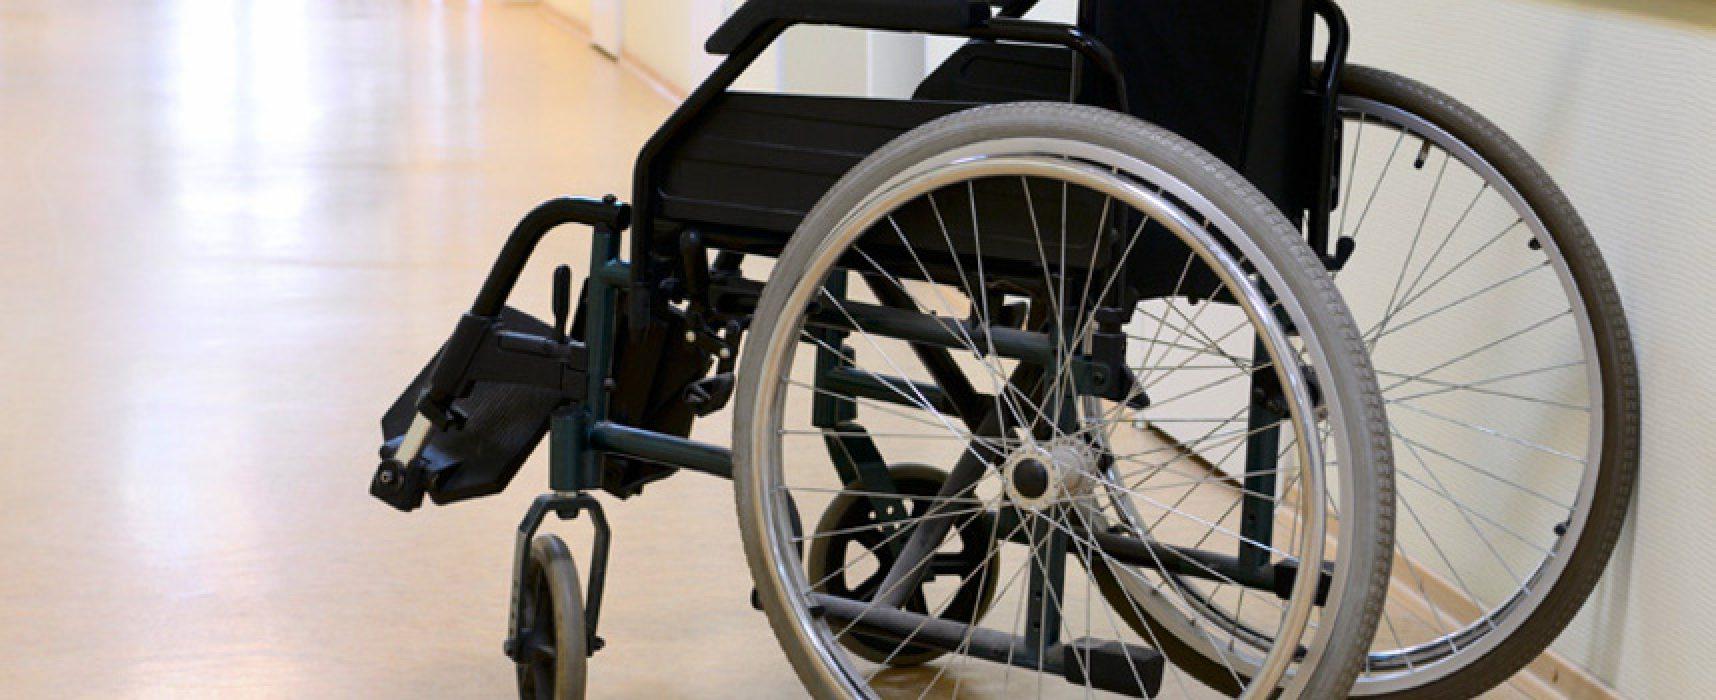 """Cooperative sociali a rischio collasso, Tribunale diritti del malato: """"Situazione disumana"""""""